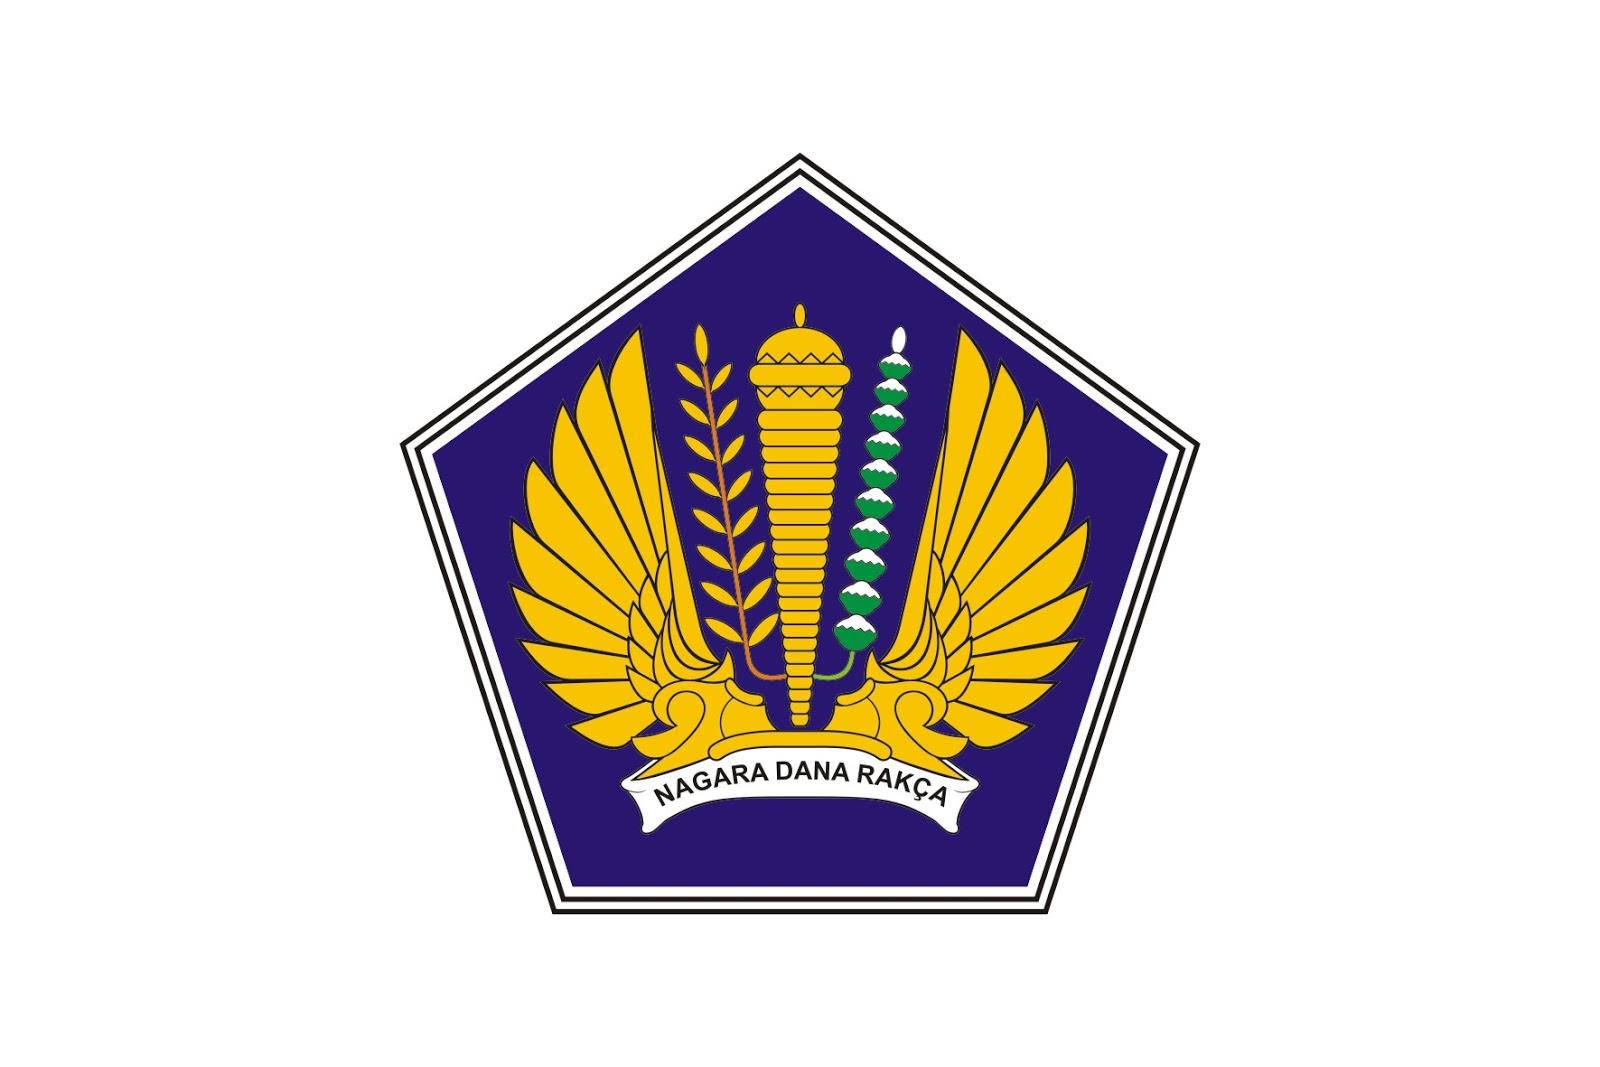 Kementerian Keuangan Logo